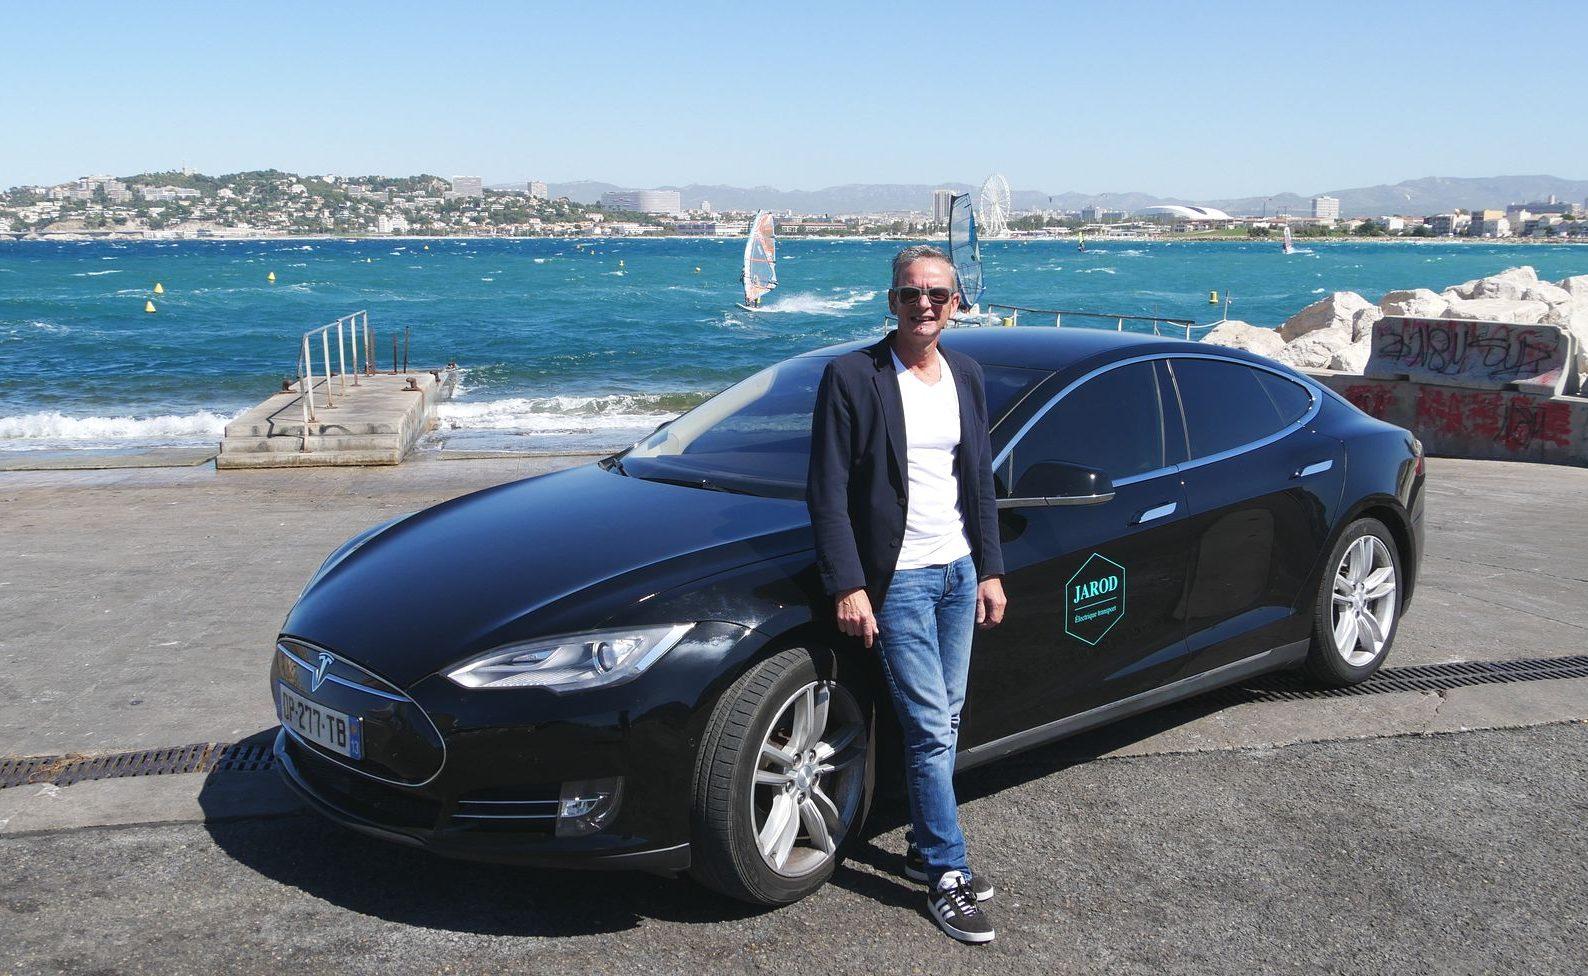 Supir Taksi Ini Menggunakan Tesla Hingga Lebih Dari 300 Ribu Km